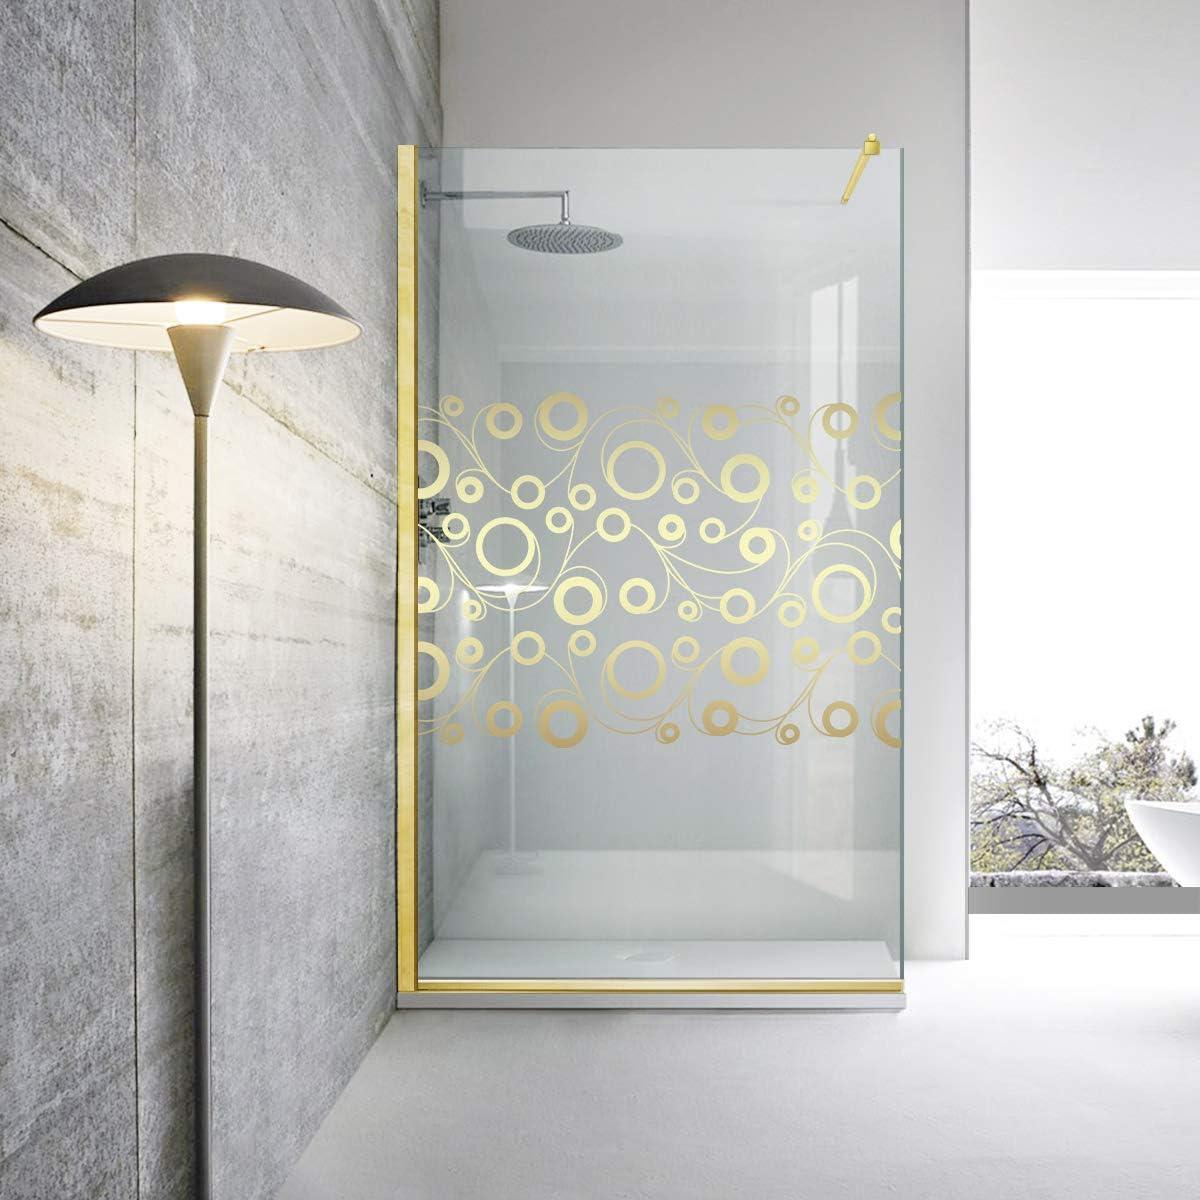 Modern Glass Art Leroy Timeless Oslo - Mampara de ducha (8 mm, cristal templado de seguridad, nano, acabado de latón dorado), transparente: Amazon.es: Bricolaje y herramientas